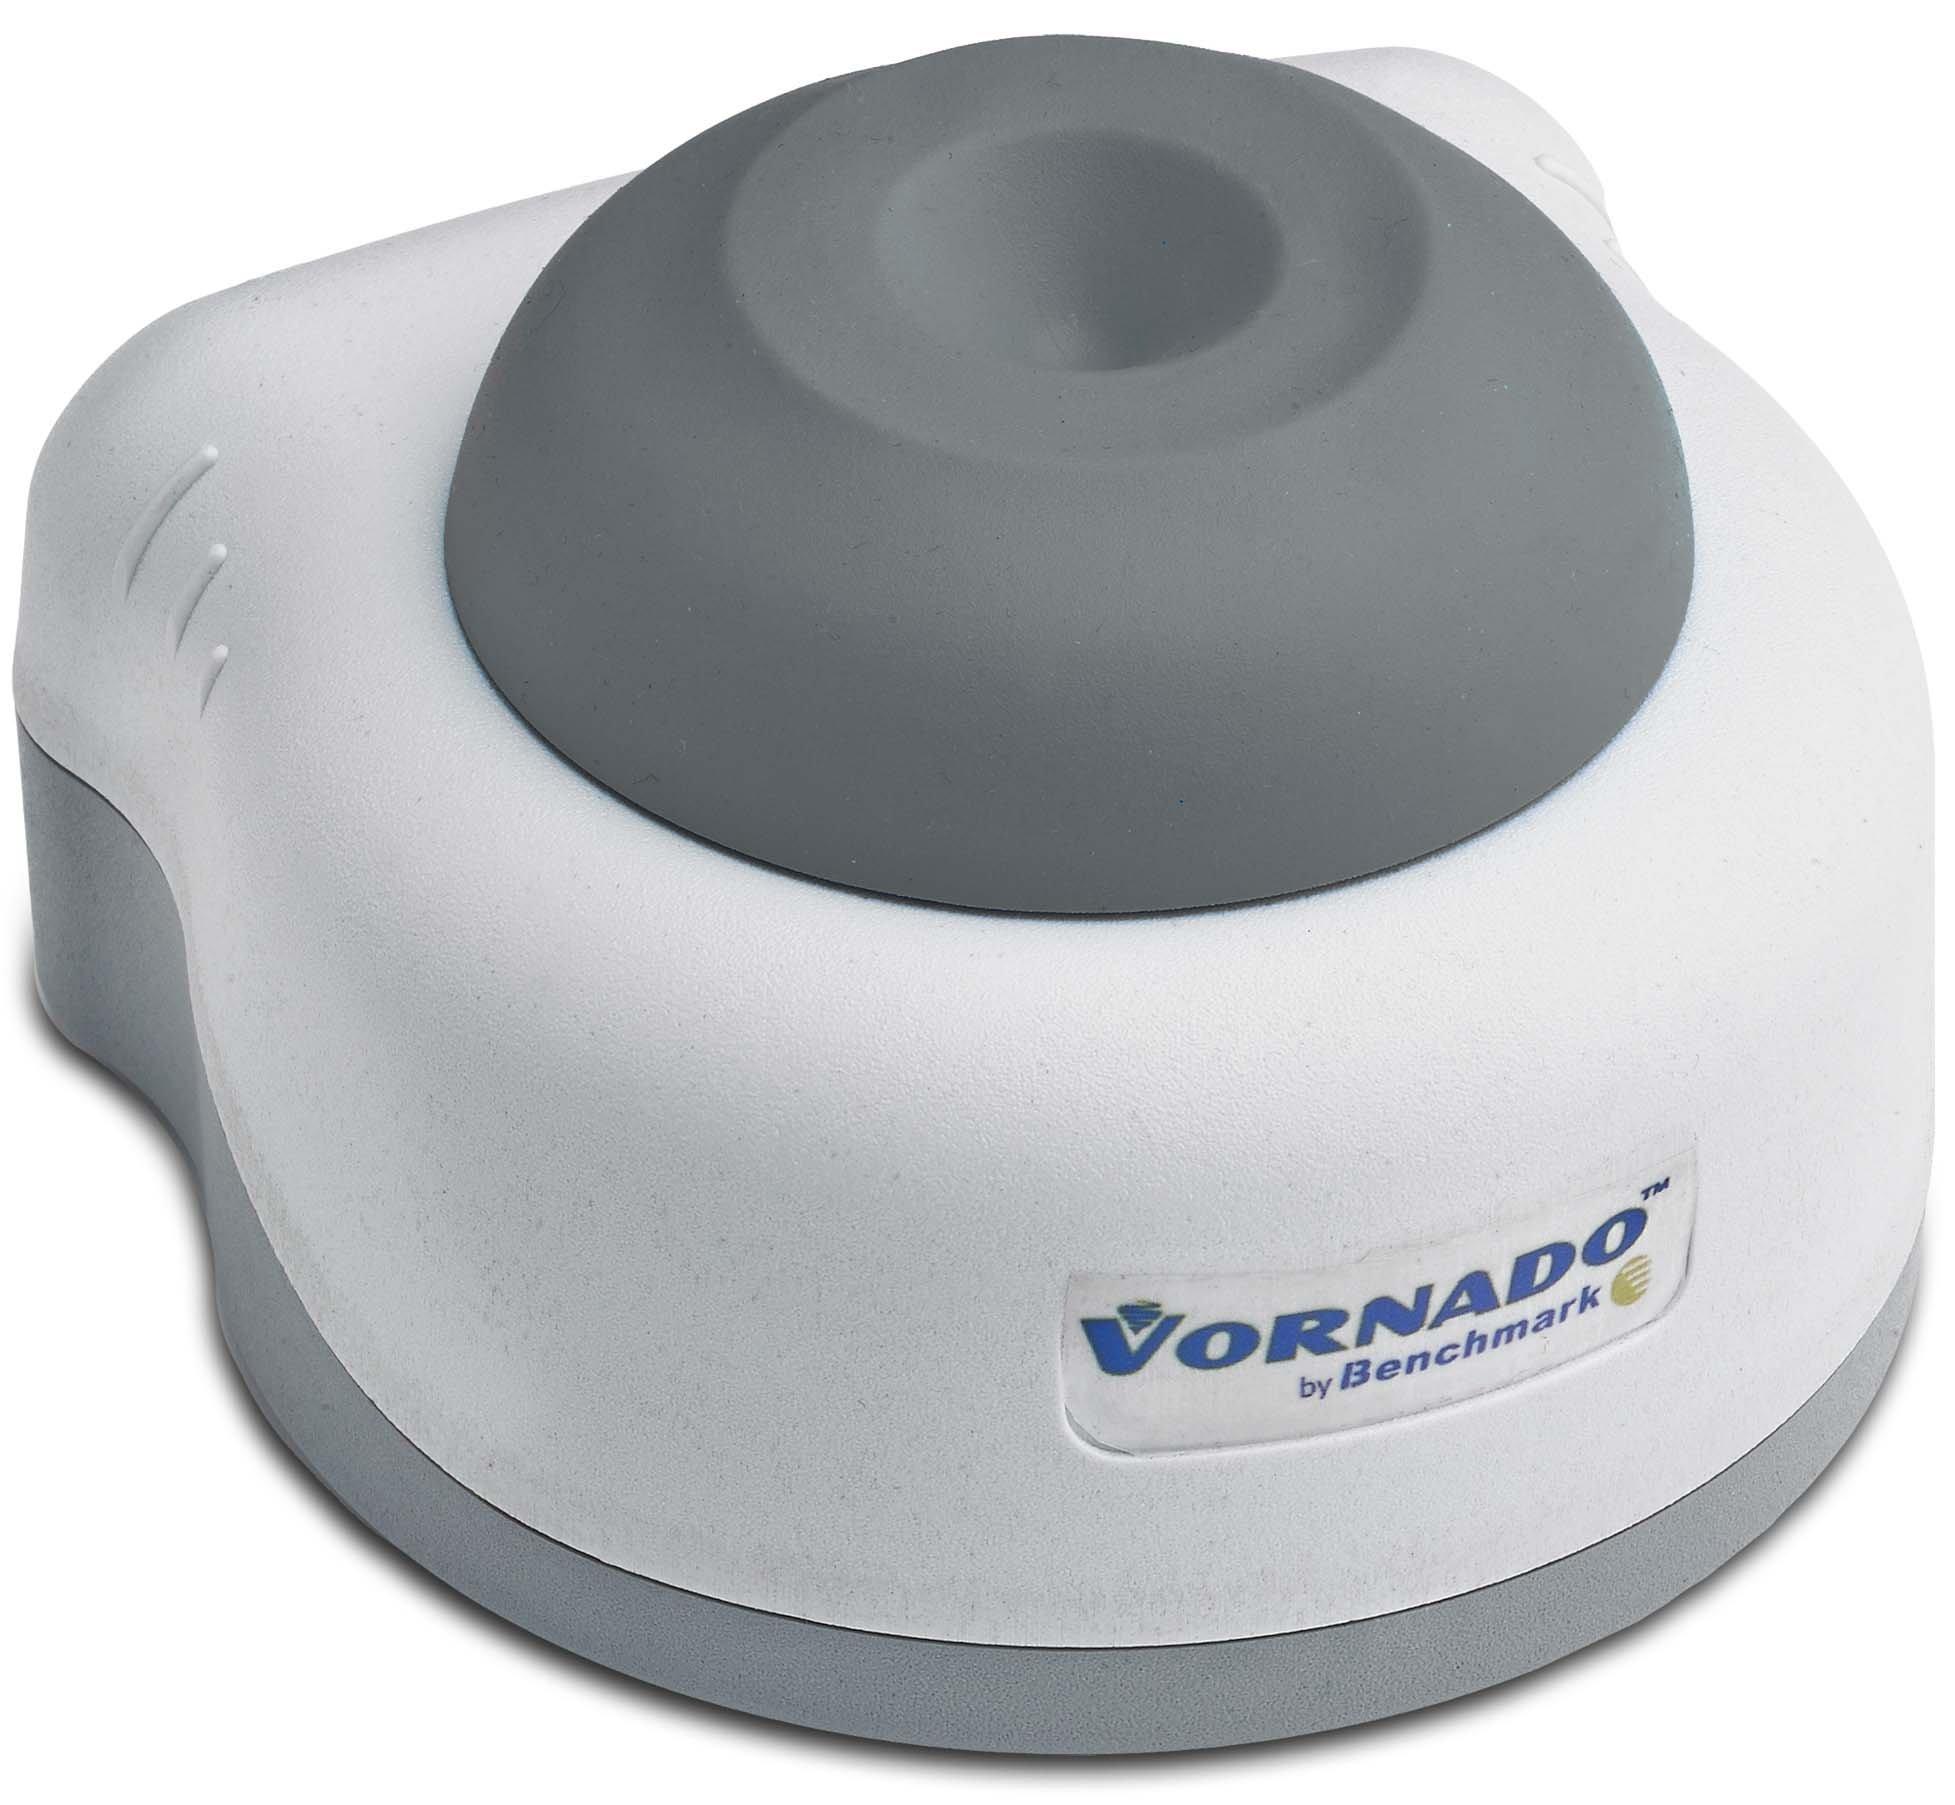 Vornado Miniature Vortexer Mixer - Gray Cup Head